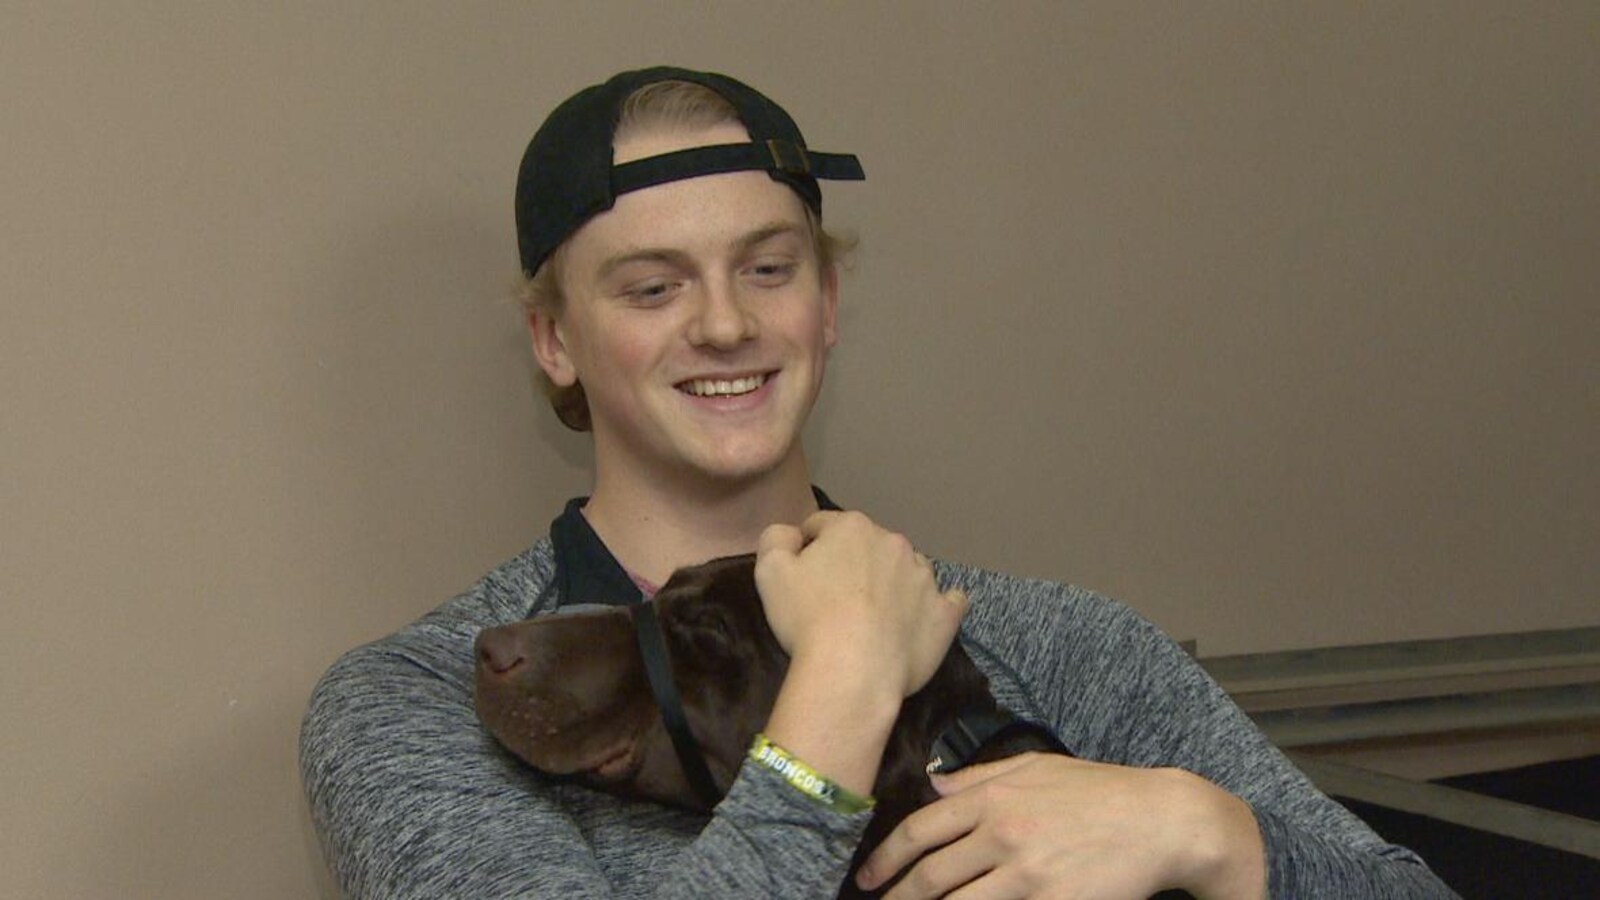 Un jeune homme portant une casquette à l'envers serre un chien dans ses bras.